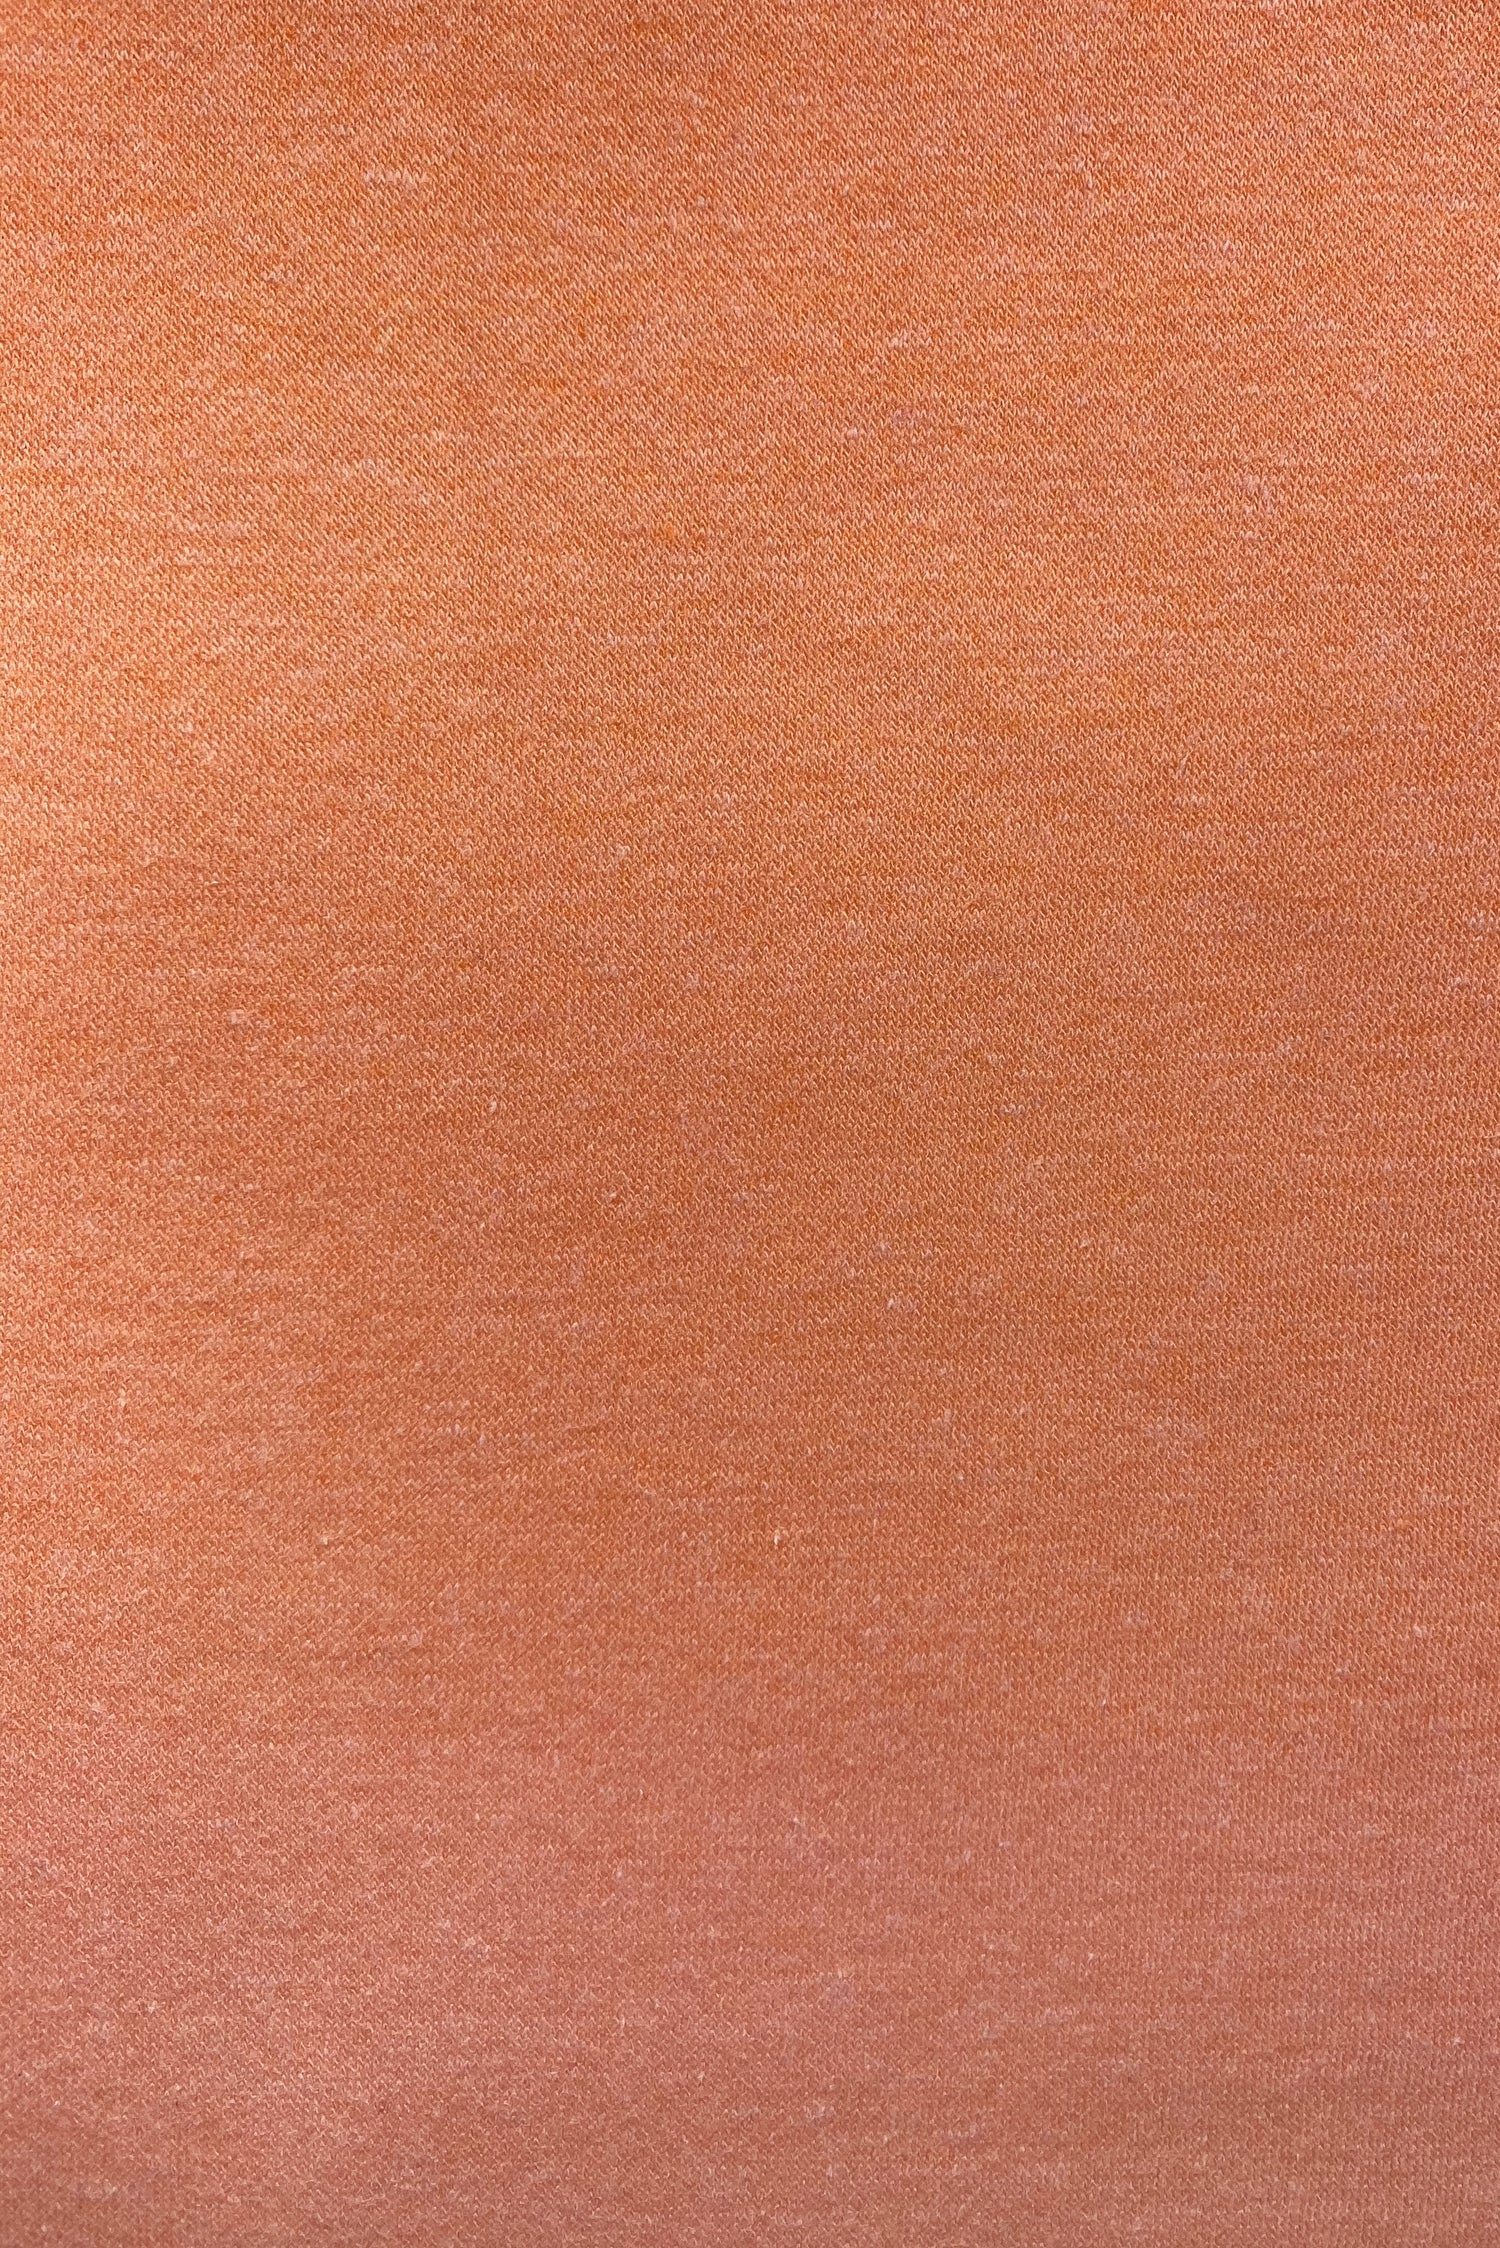 Image of Peach Dip Dye Hoodie